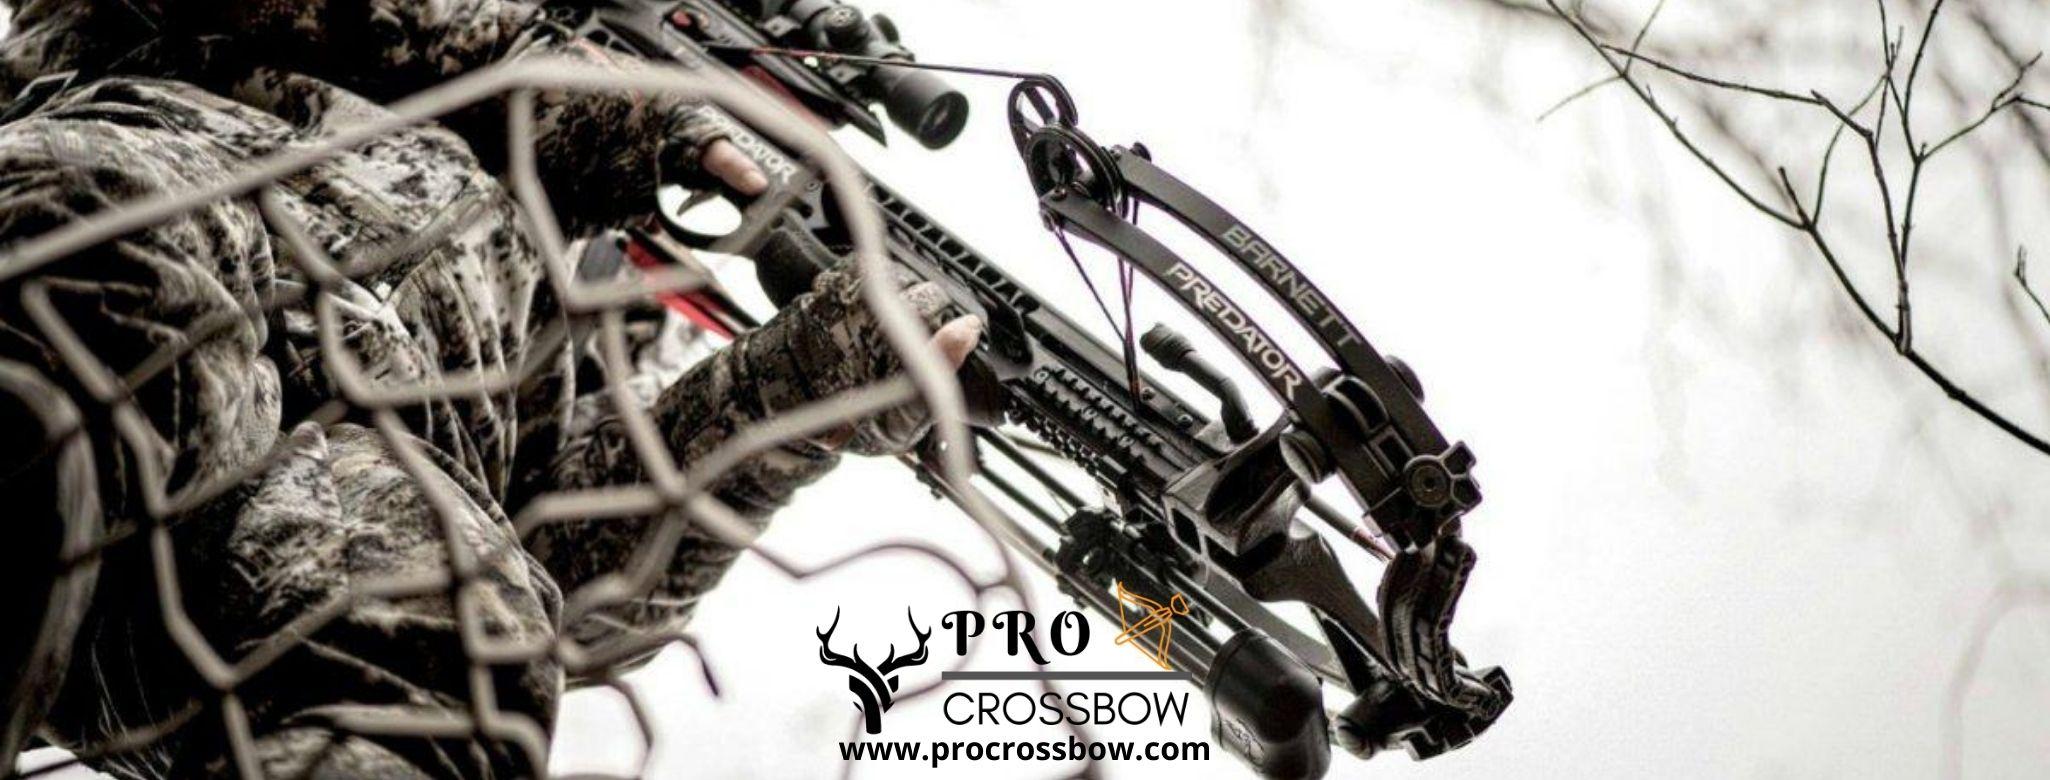 best crossbow for black bear hunting